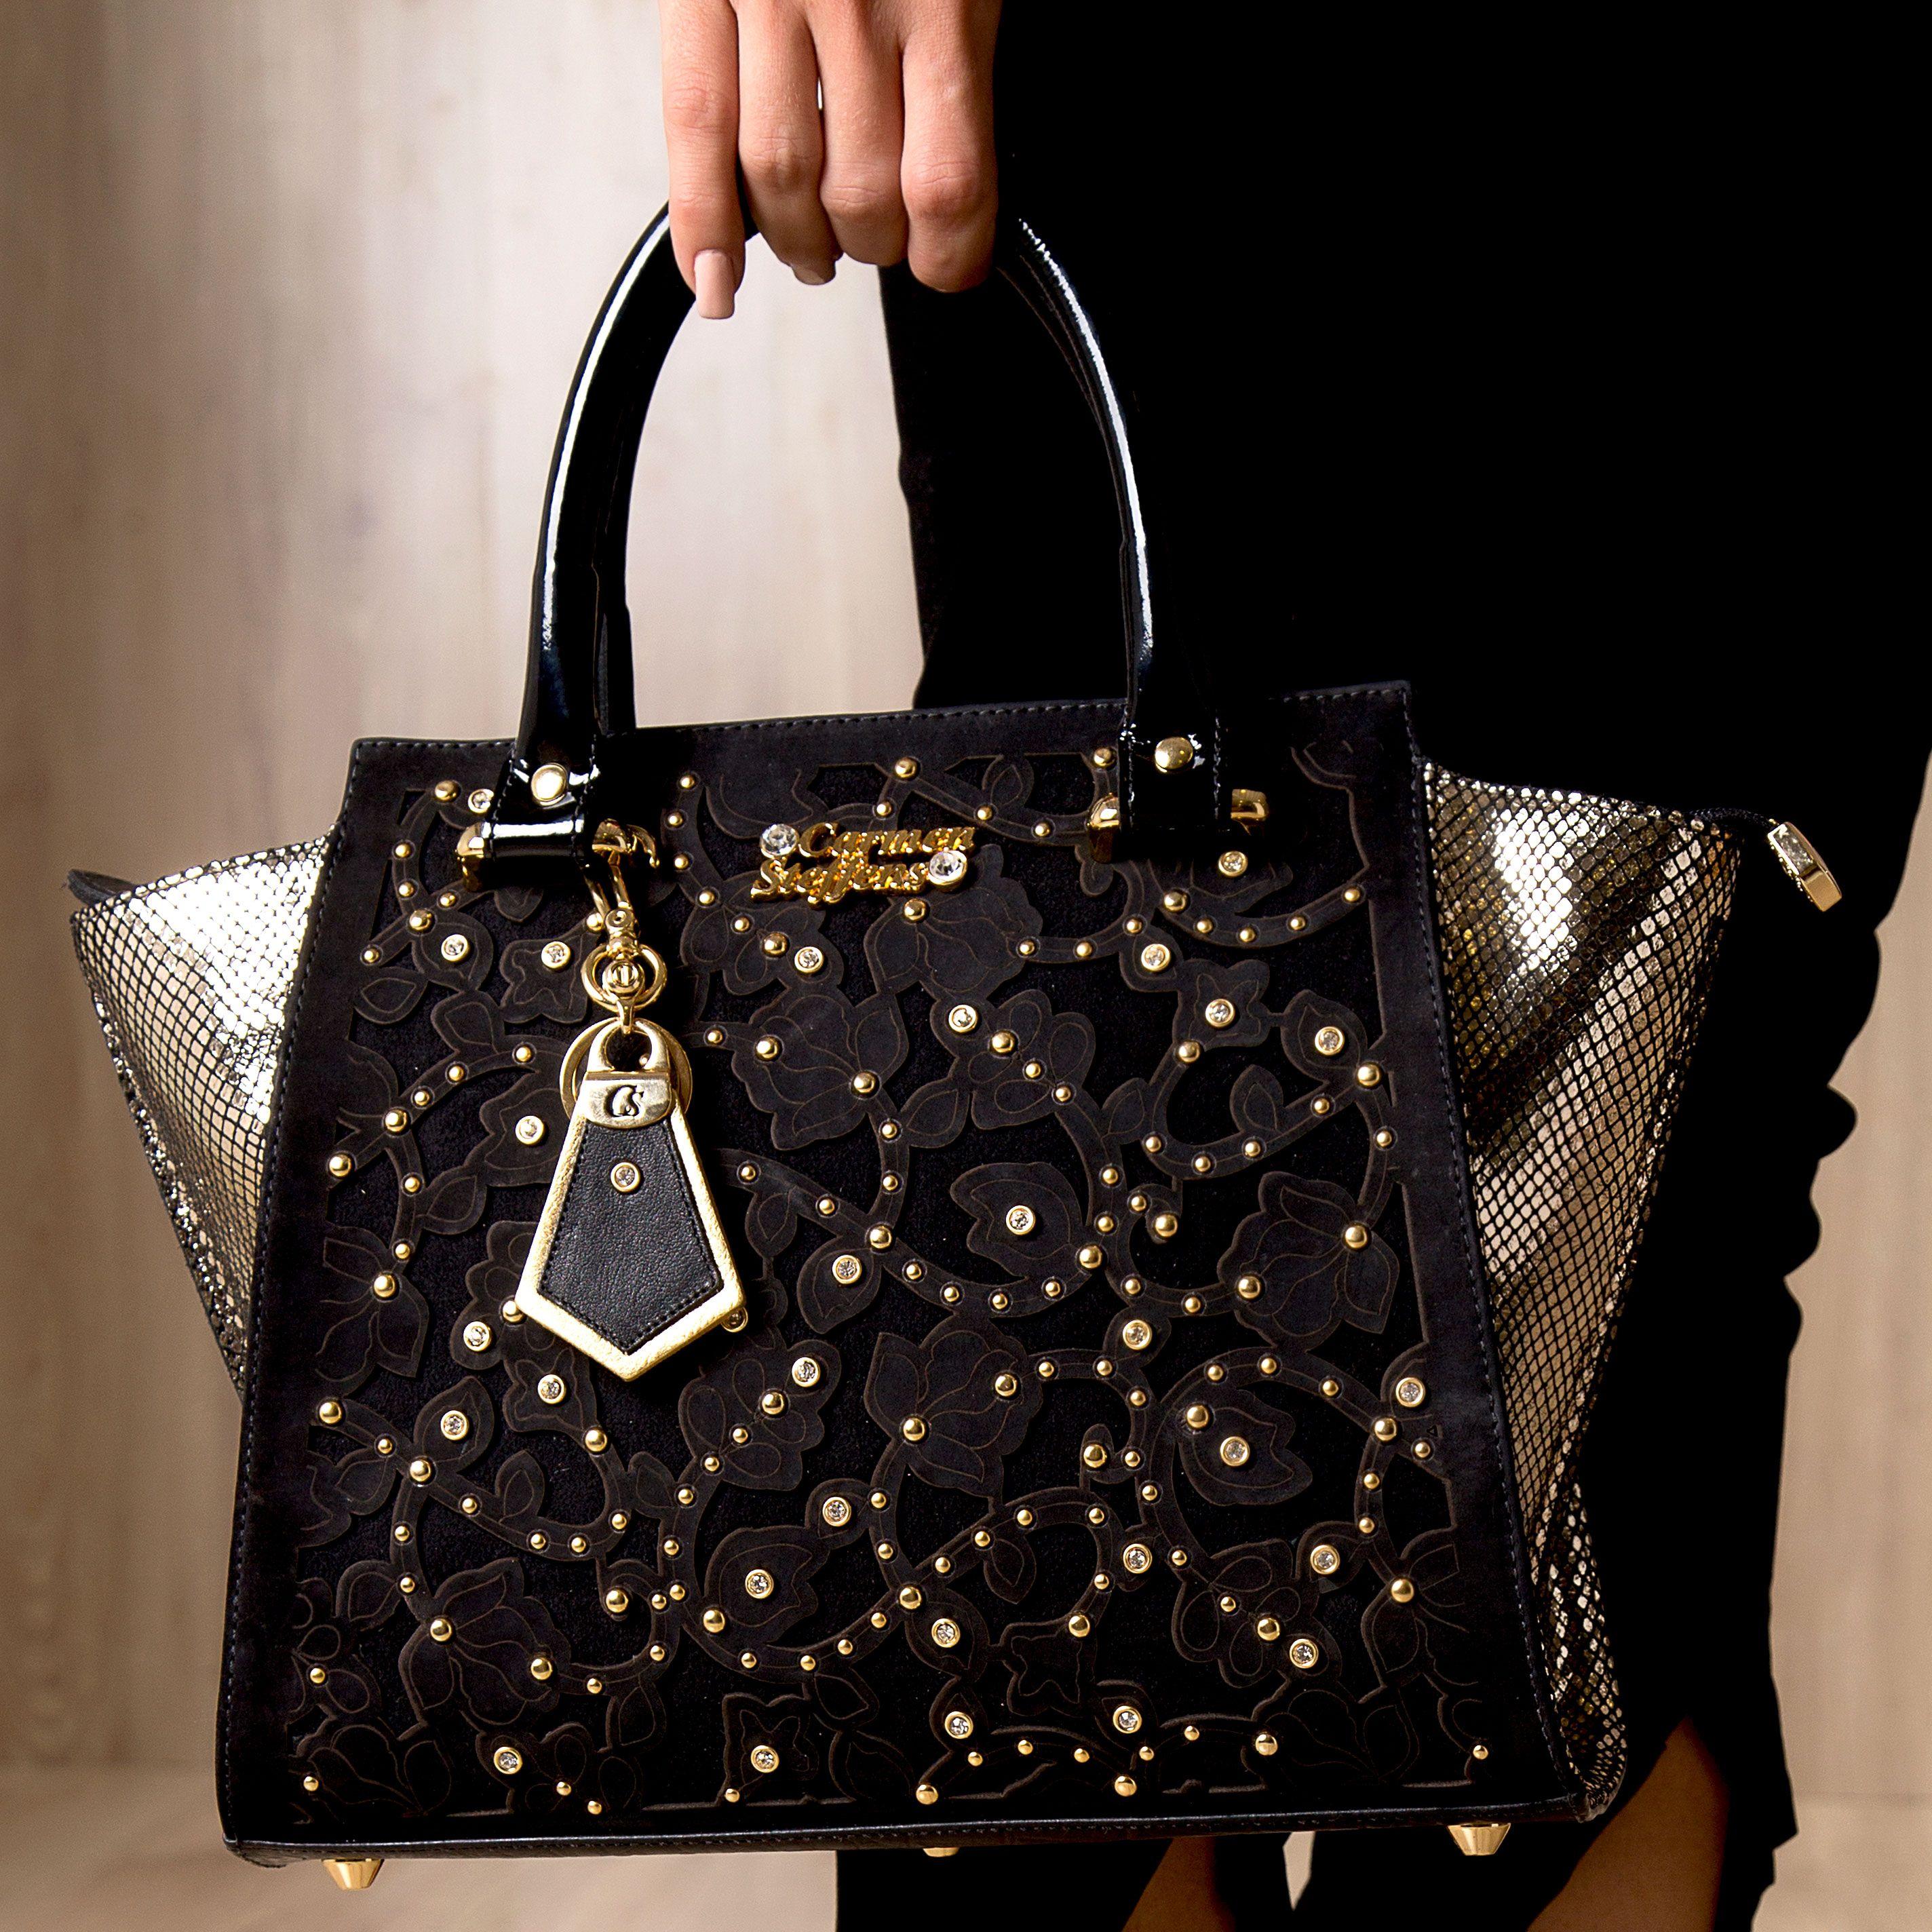 2318778e25 Bolsa Recortes Gold Black Carmen Steffens. A Linha Secret CS está  irresistível e cheia de novidades!